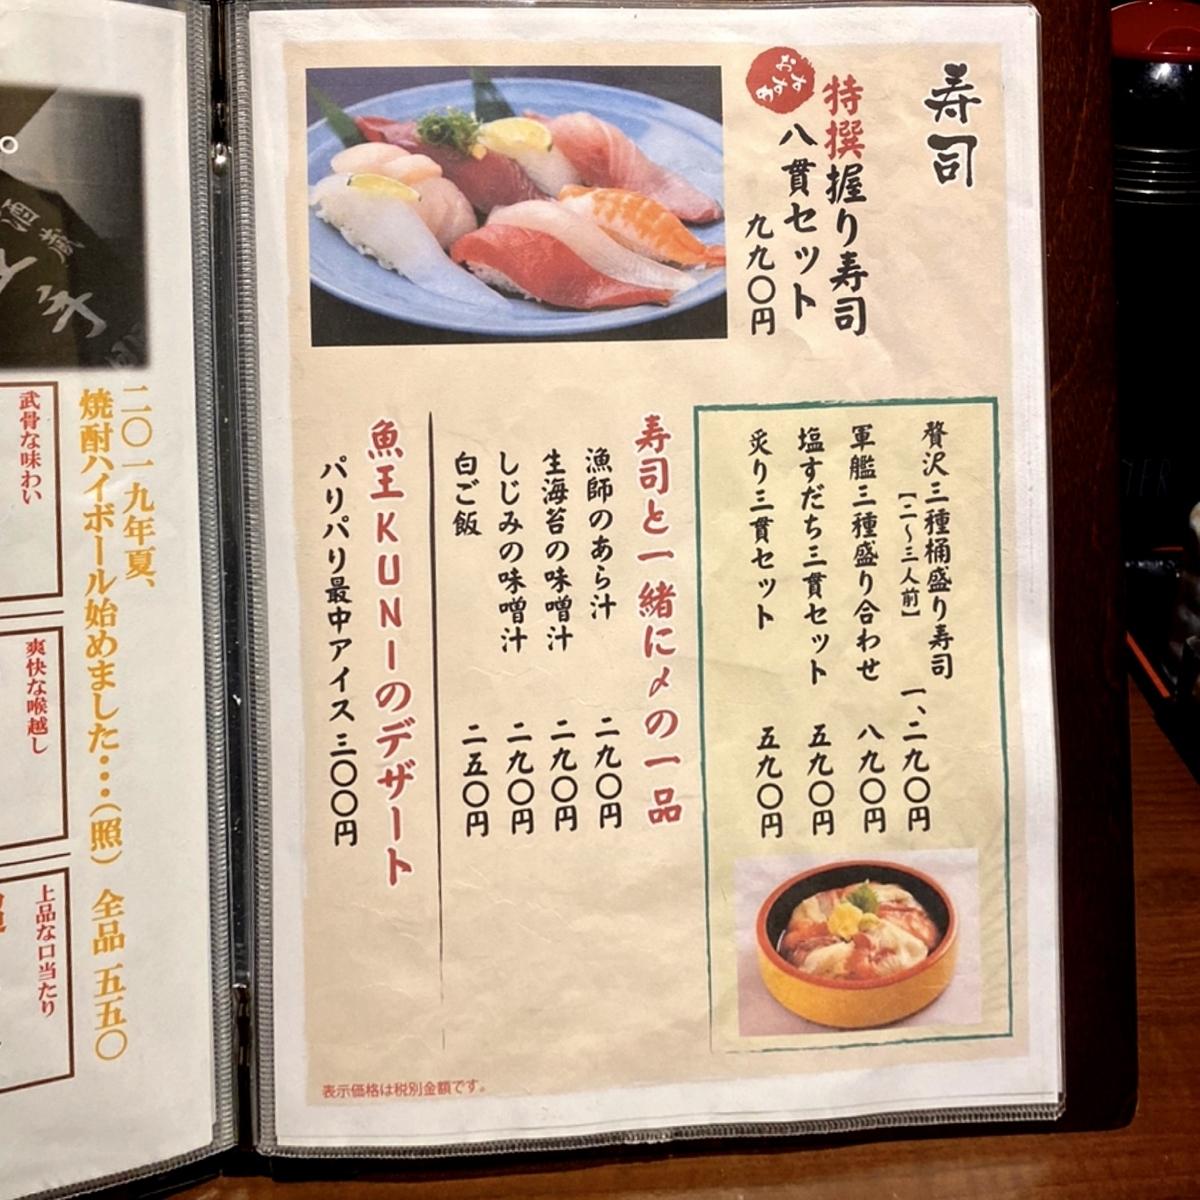 「魚王KUNI 吉祥寺」のメニューと値段3